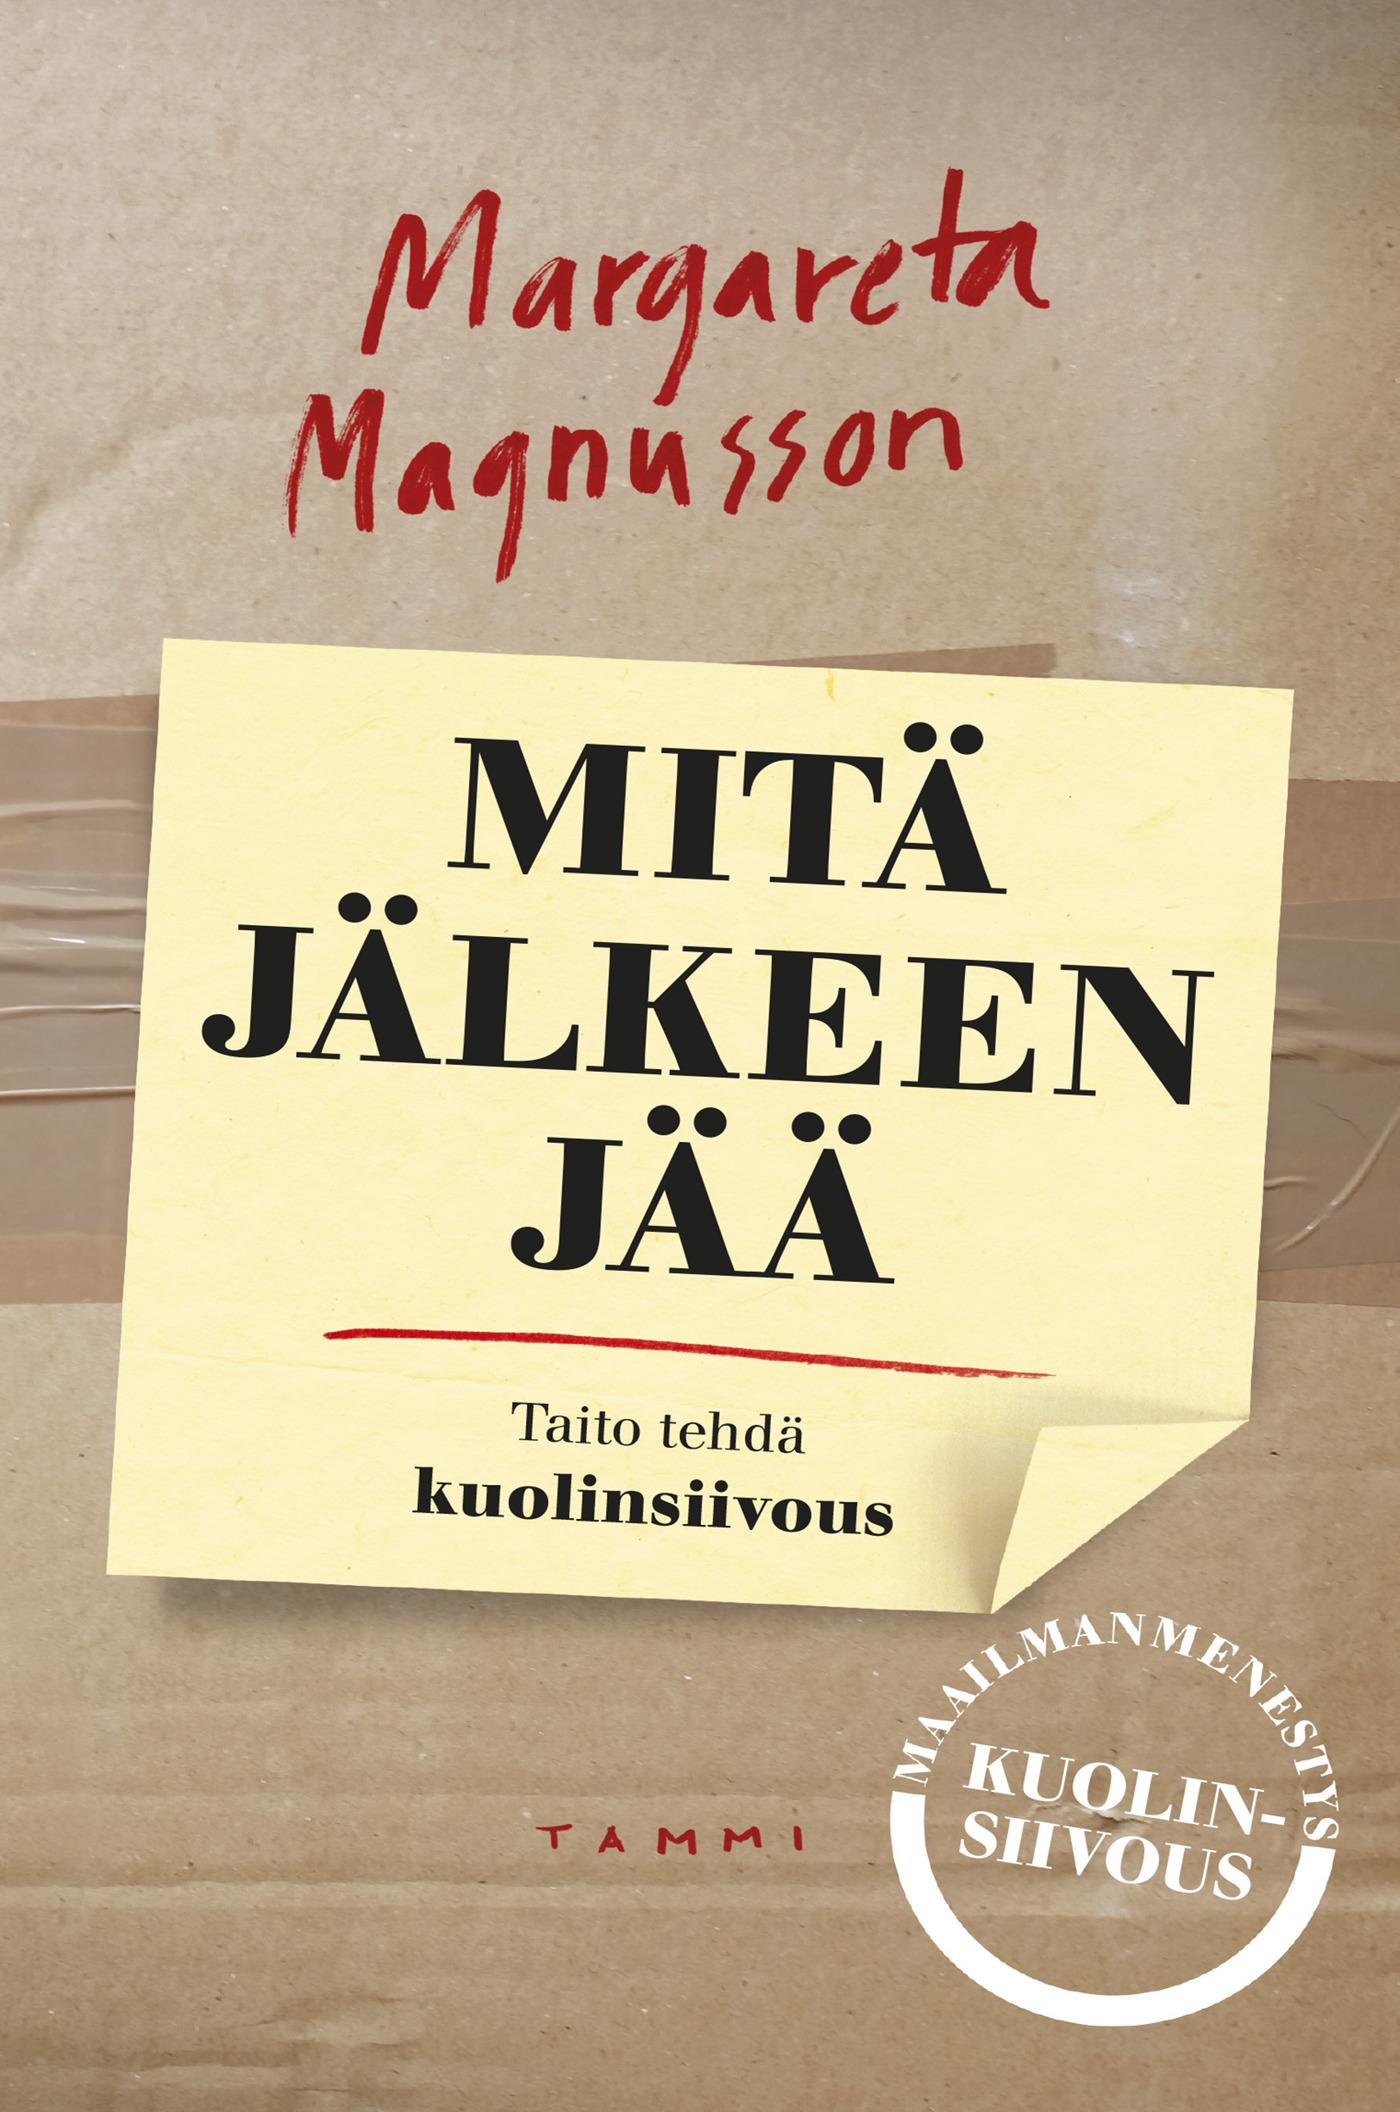 Magnusson, Margareta - Mitä jälkeen jää - Taito tehdä kuolinsiivous, e-kirja